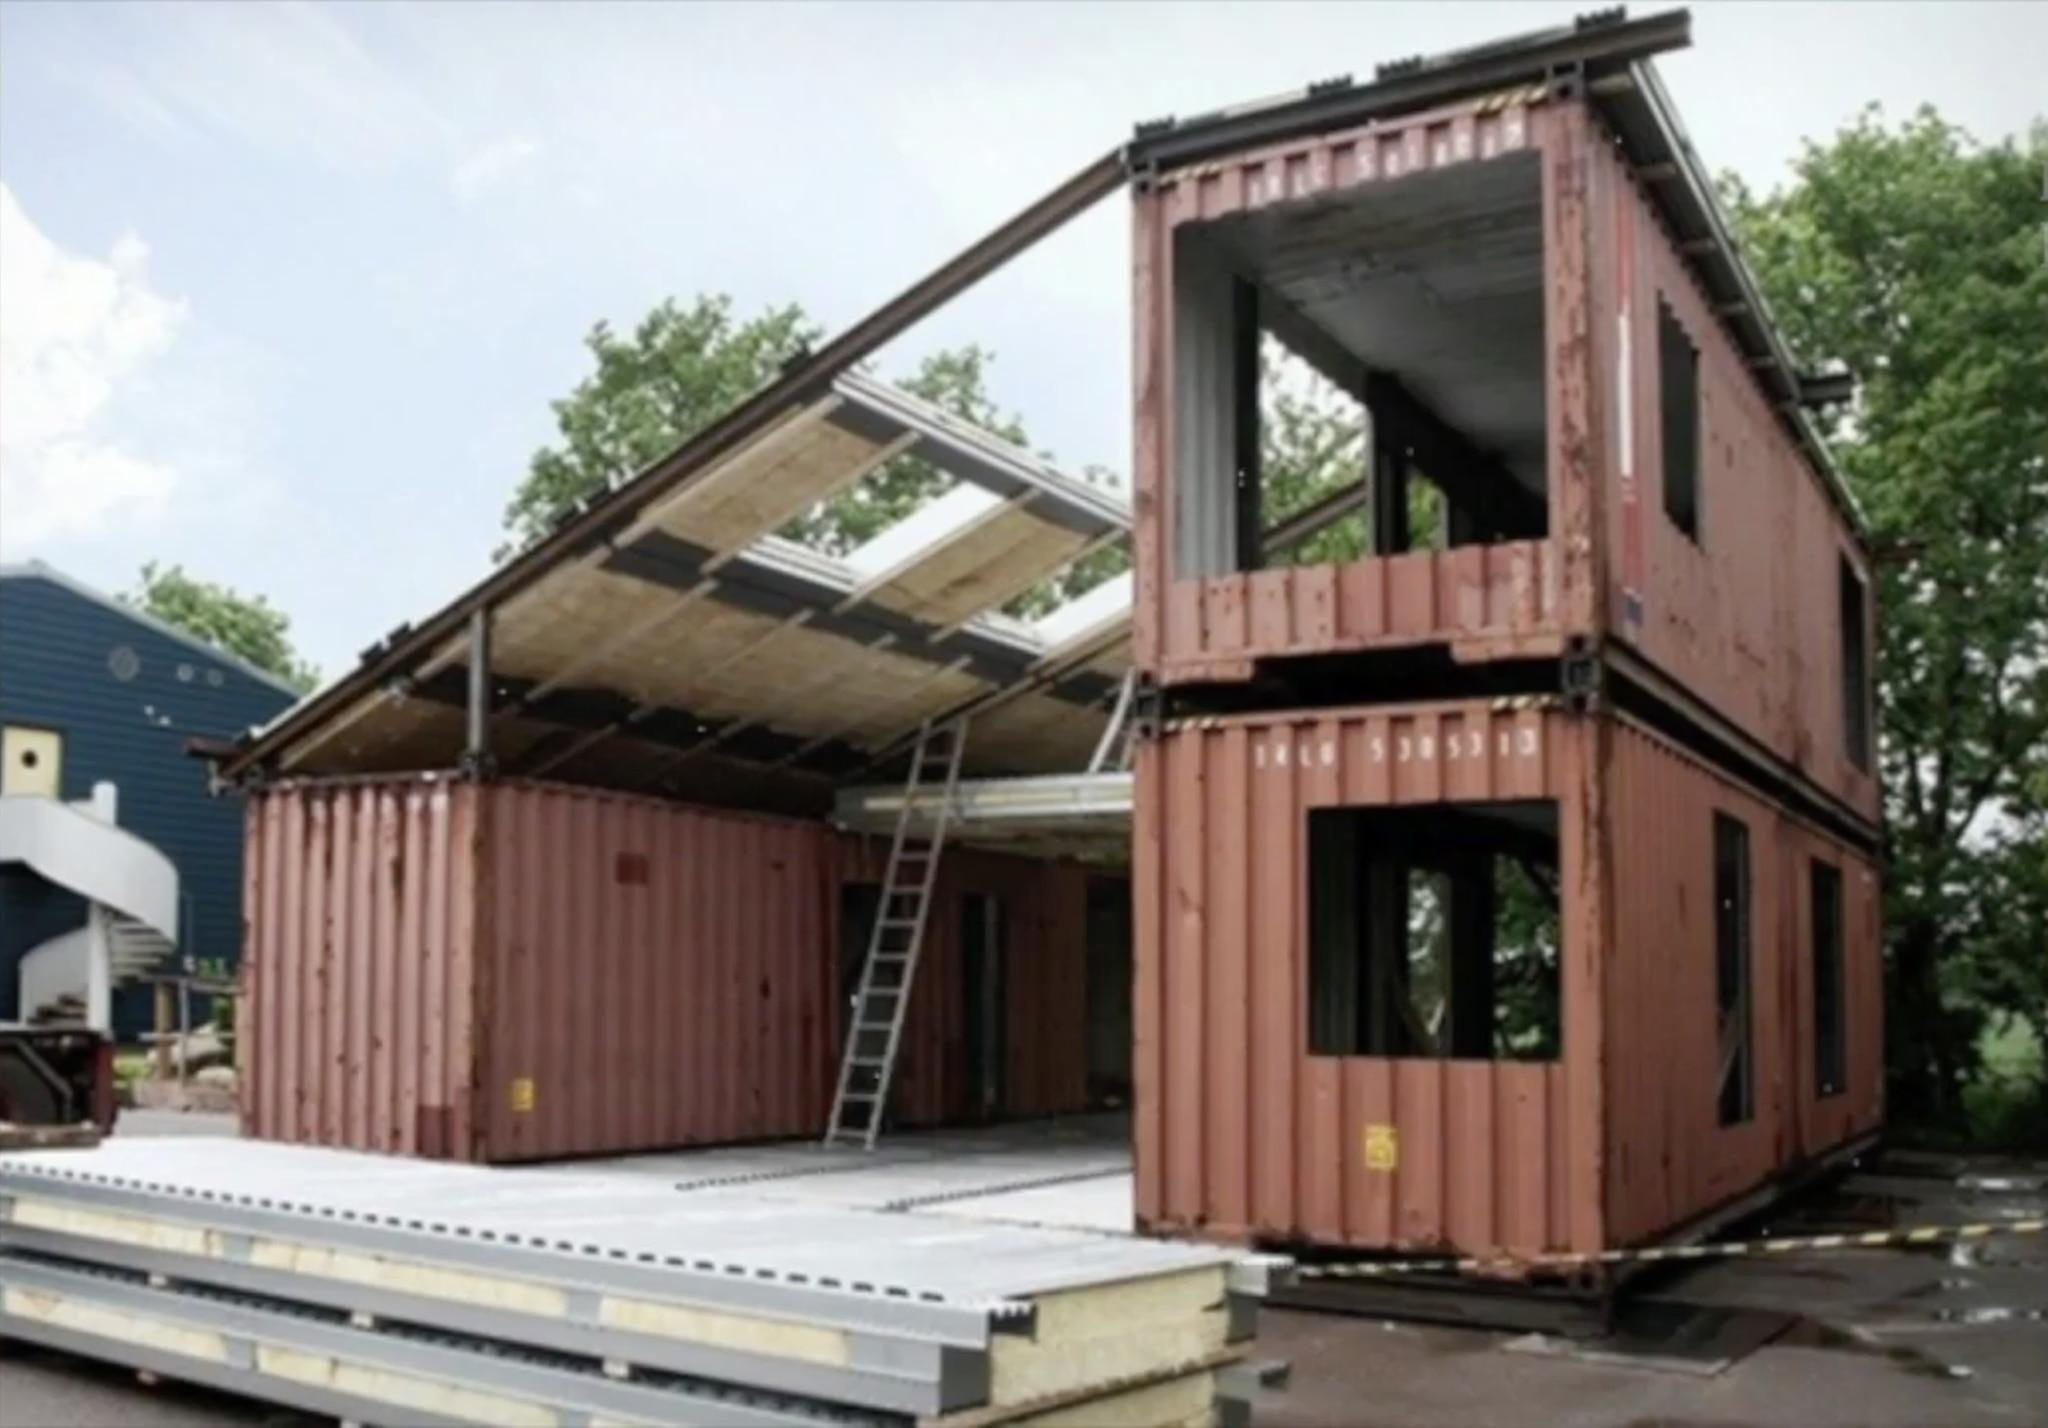 Bauwagen wird zu Traumhaus - tolles DIY-Projekt | BRIGITTE.de